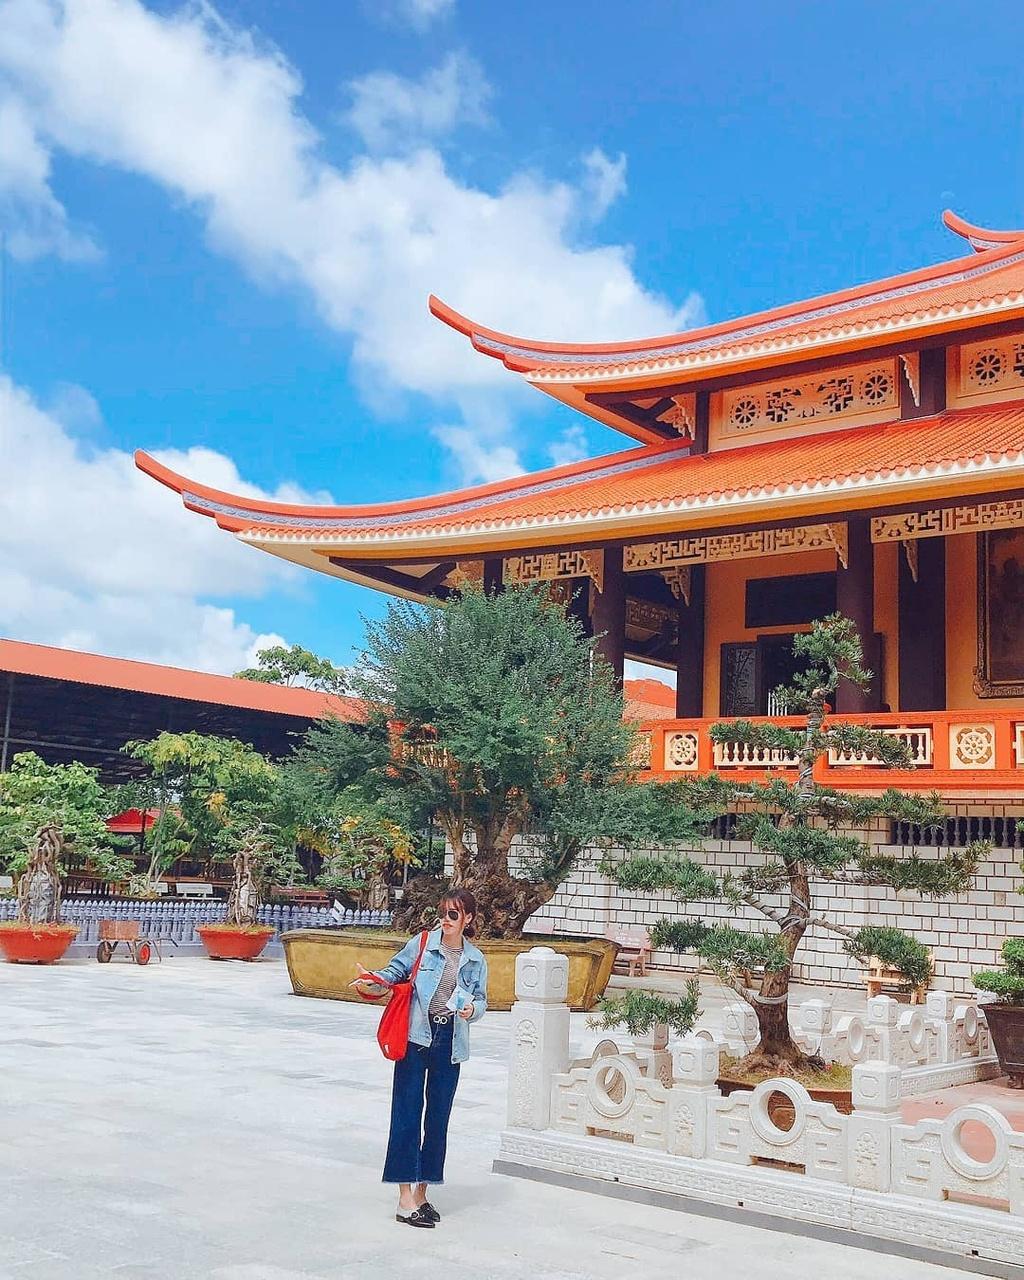 4 Thien vien Truc Lam noi tieng o Nam Bo hinh anh 13  - quyenmiukin_61743793_136210414151931_3864228868368314375_n - 4 Thiền viện Trúc Lâm nổi tiếng ở Nam Bộ